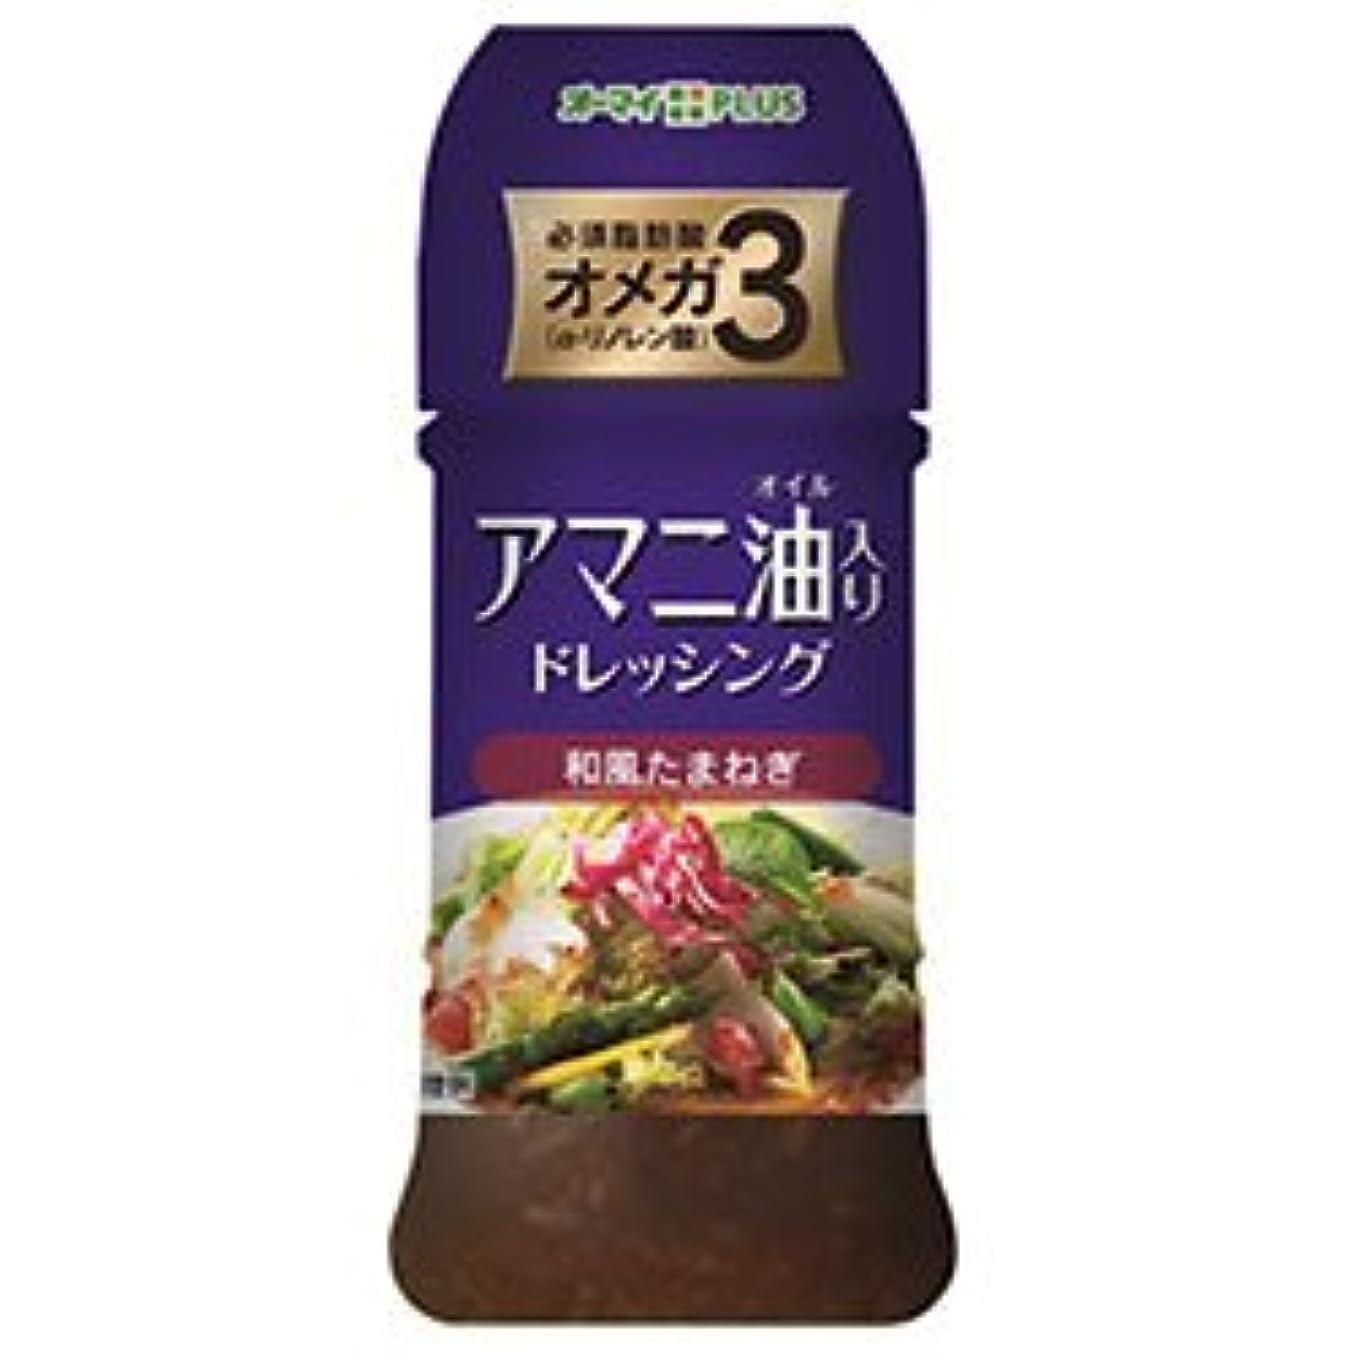 結紮無能偶然の日本製粉 オーマイプラス アマニ油入りドレッシング 和風たまねぎ 150ml×12本入×(2ケース)